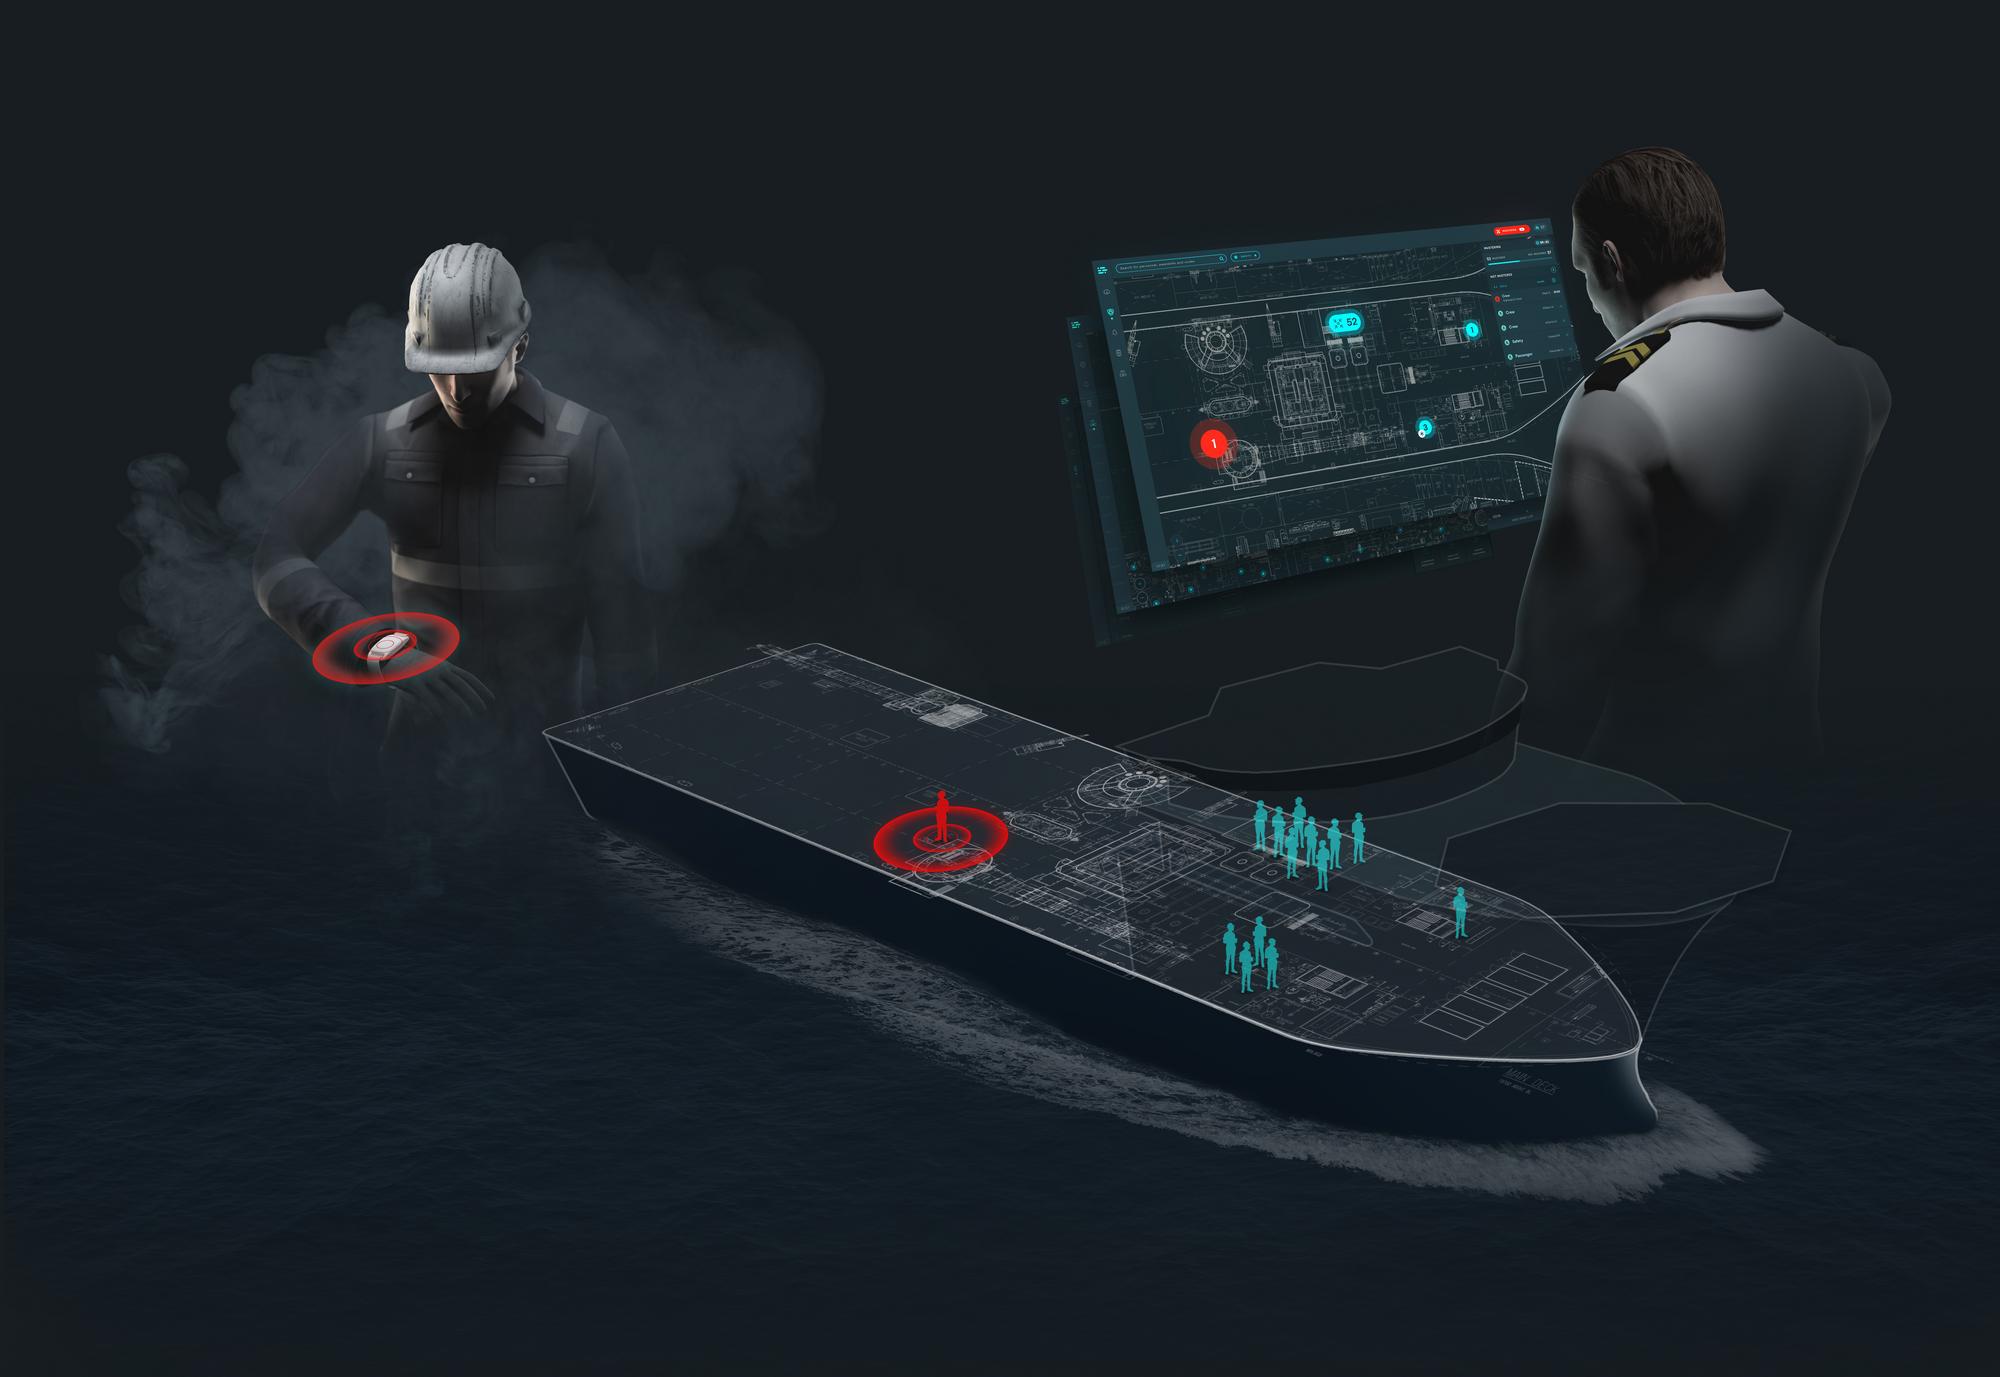 Teknisk illustrasjon av ScanReachs produkter